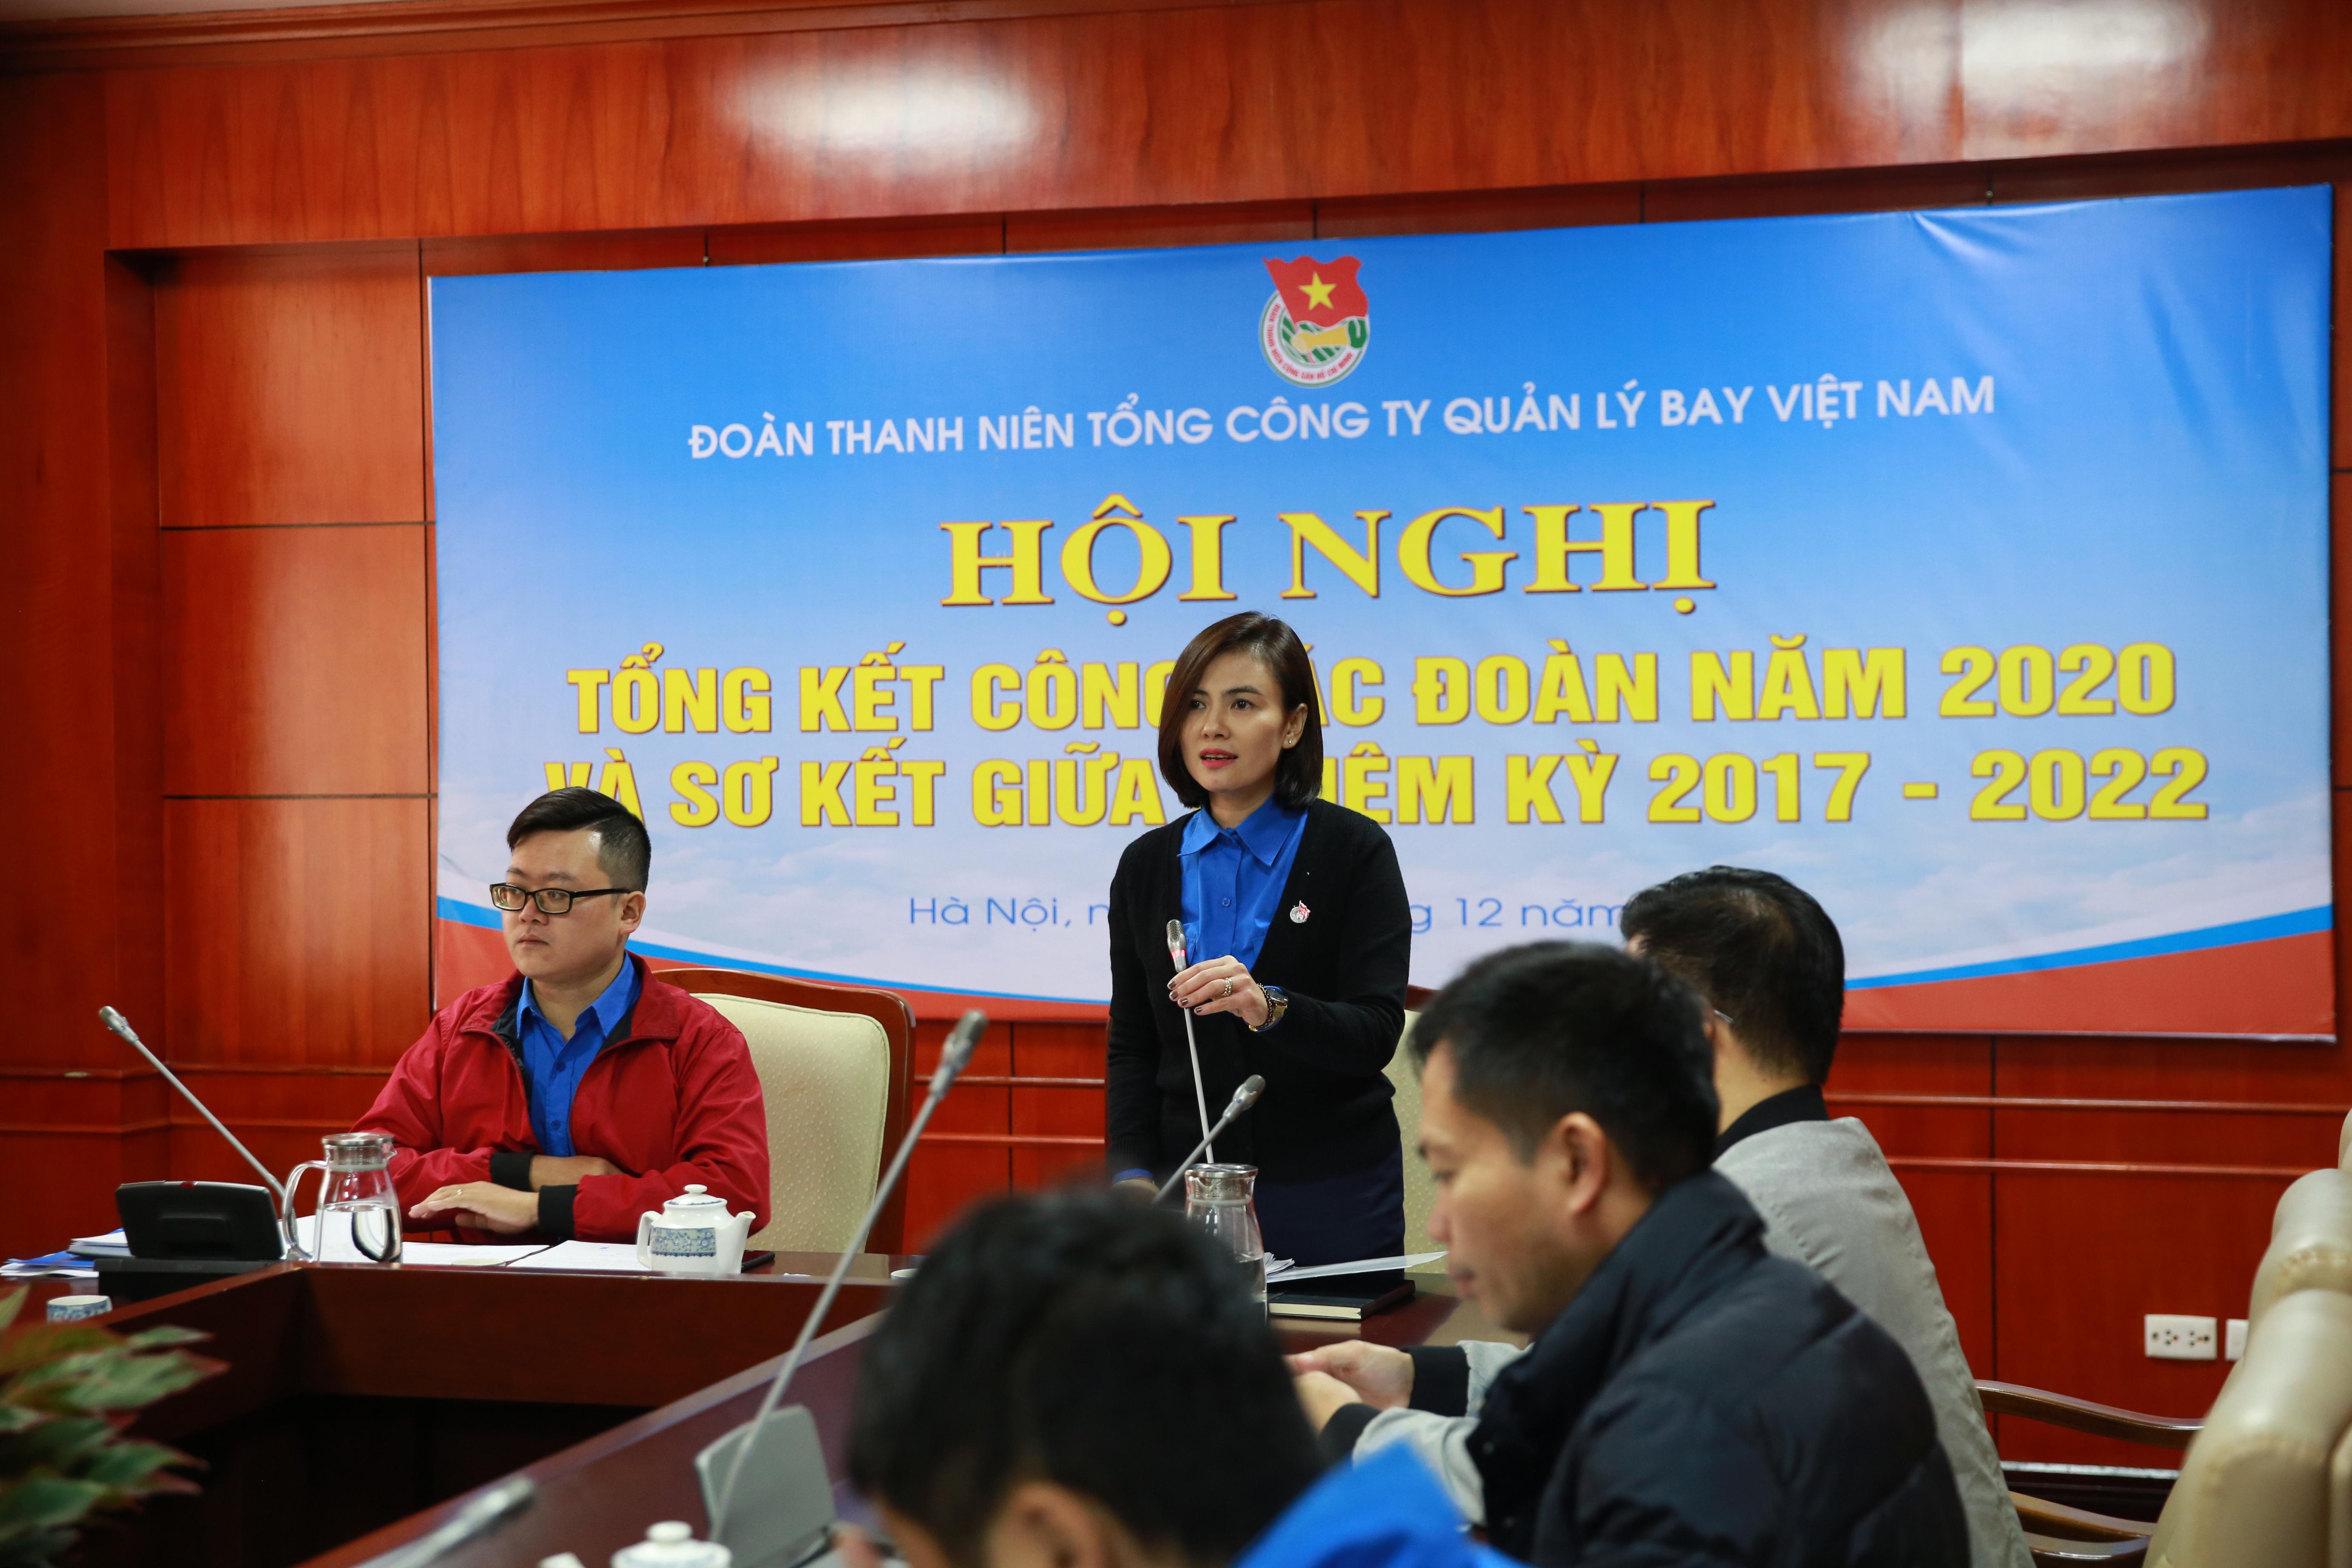 Đoàn Thanh niên VATM: Hội nghị Tổng kết Công tác Đoàn năm 2020 và Sơ kết giữa nhiệm kỳ 2017-2022